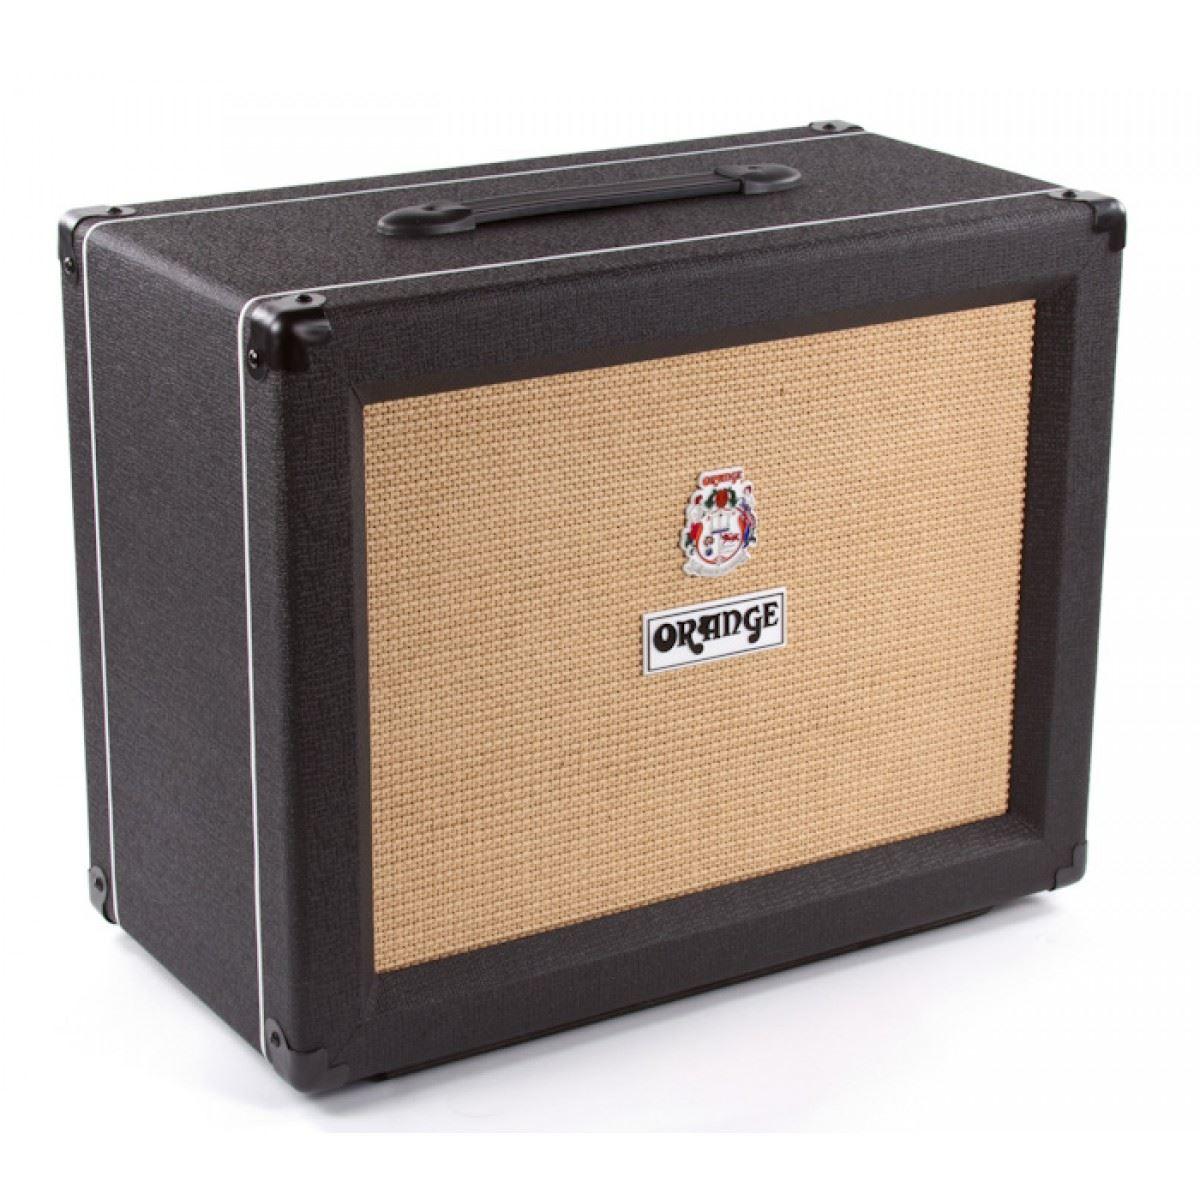 orange ppc112 guitar amp speaker cabinet black 1x12inch speaker perth mega music online. Black Bedroom Furniture Sets. Home Design Ideas